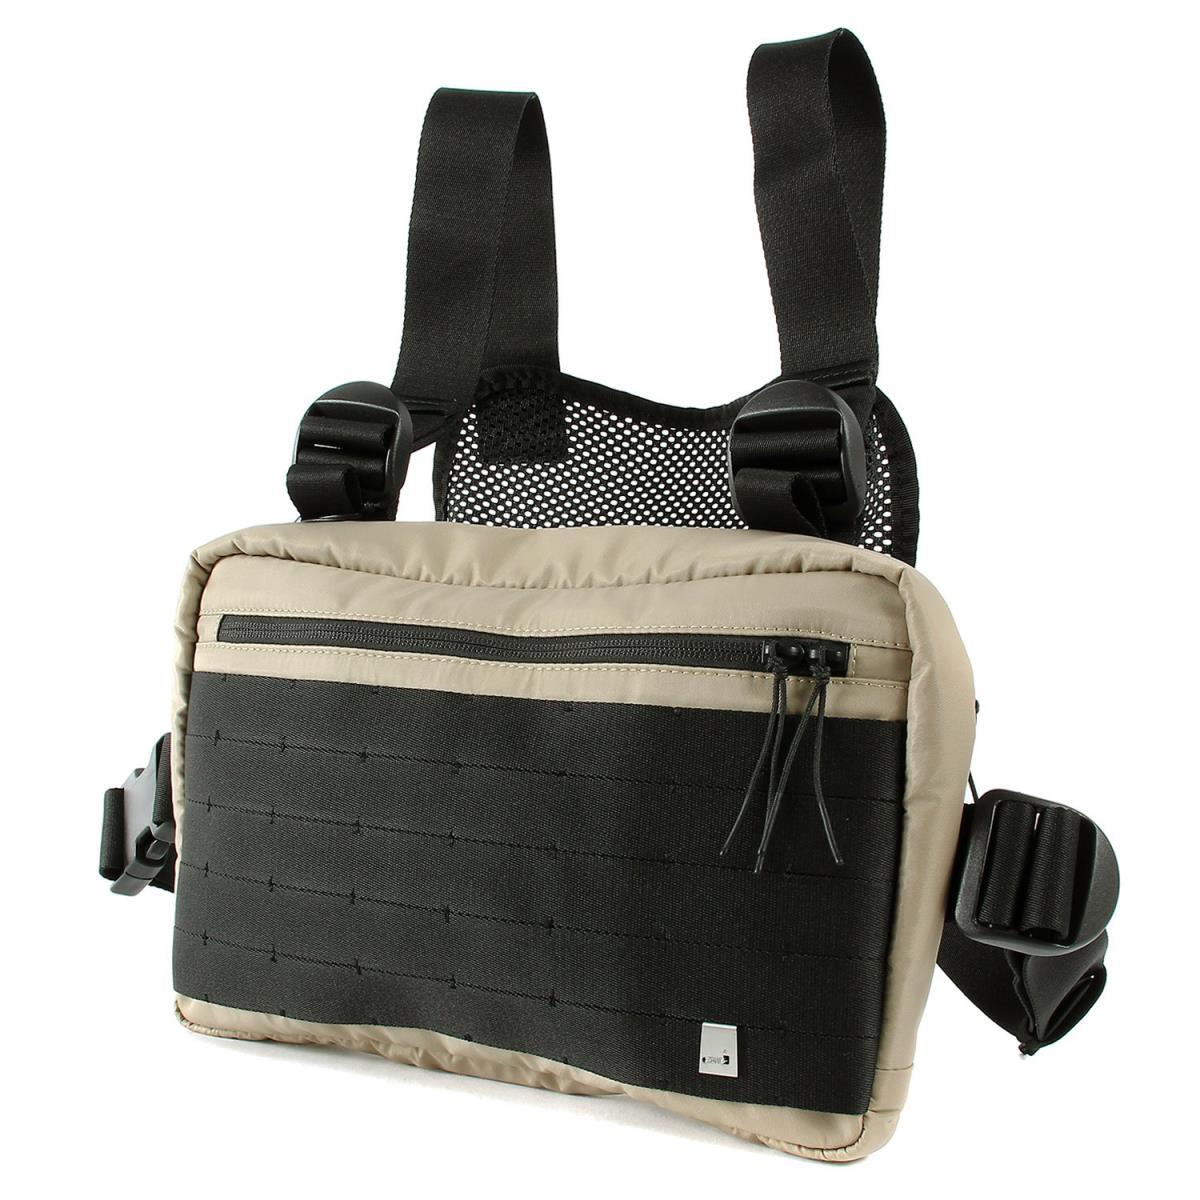 ALYX (アリクス) 19S/S チェストリグバッグ(Classic Chest Rig Bag) 1017 ALYX 9SM イタリア製 サンドベージュ×ブラック 【メンズ】【K2564】【あす楽☆対応可】